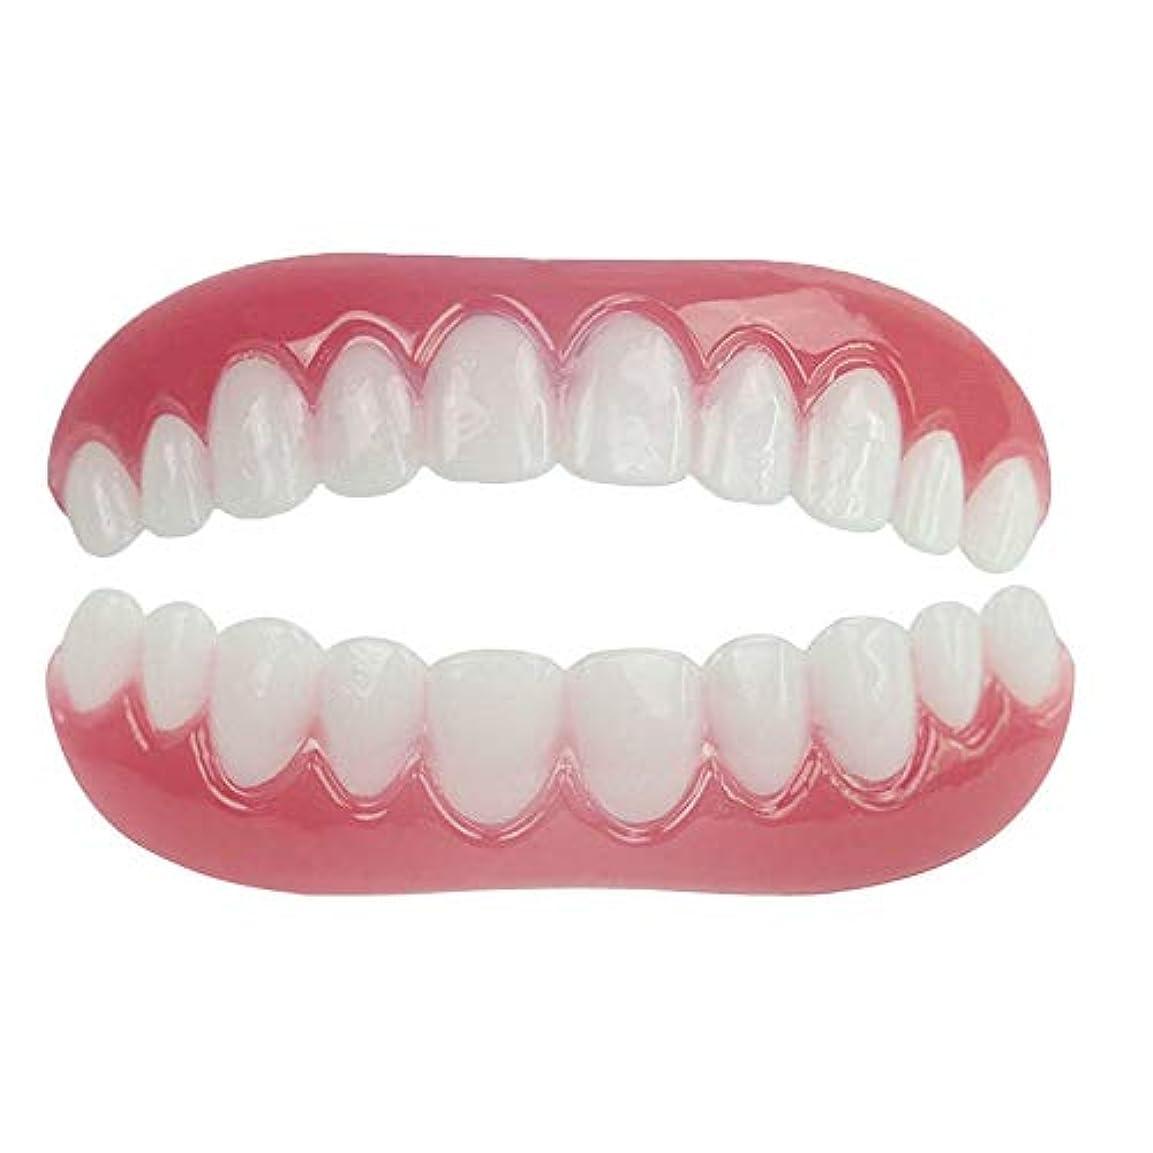 有益同情シングルシリコンシミュレーションの上下の義歯スリーブ、歯科用ベニヤホワイトニングティーセット(2セット),Boxed,UpperLower